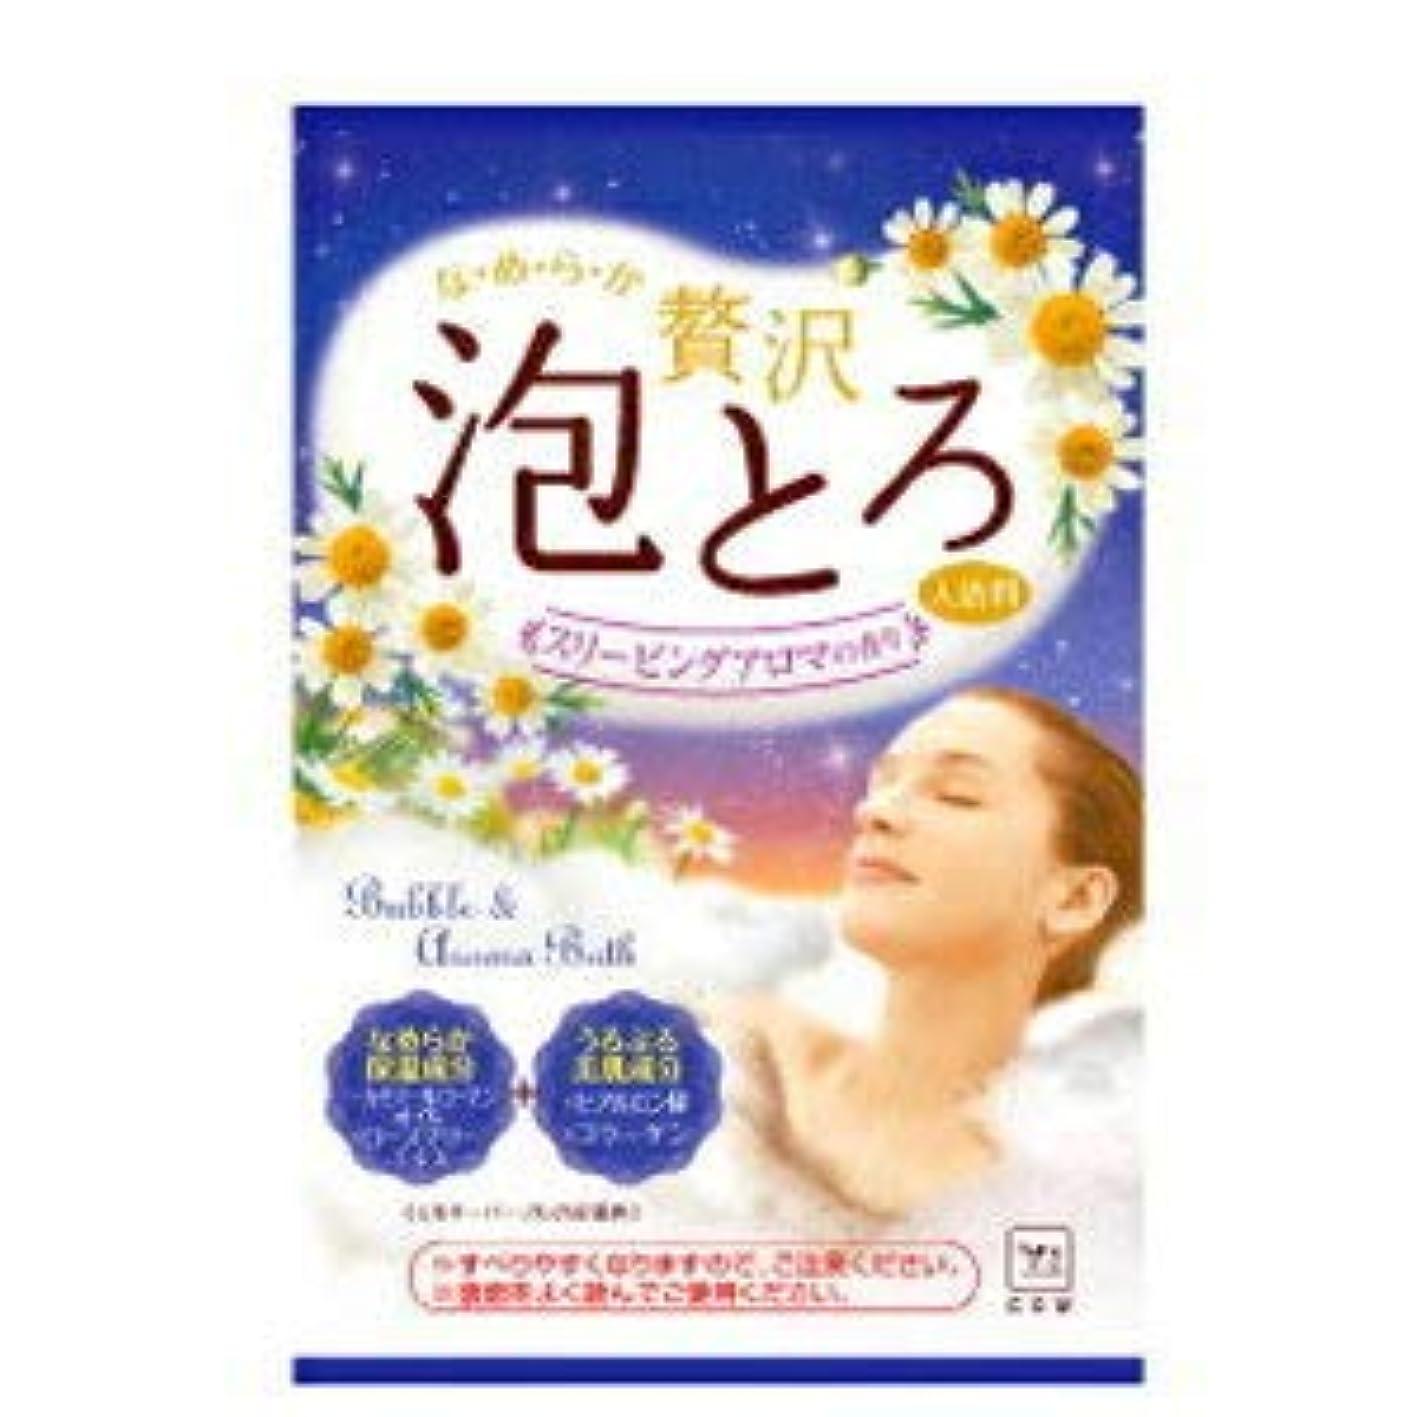 サークルロデオ材料牛乳石鹸 お湯物語 贅沢泡とろ 入浴料 スリーピングアロマ 30g 16個セット